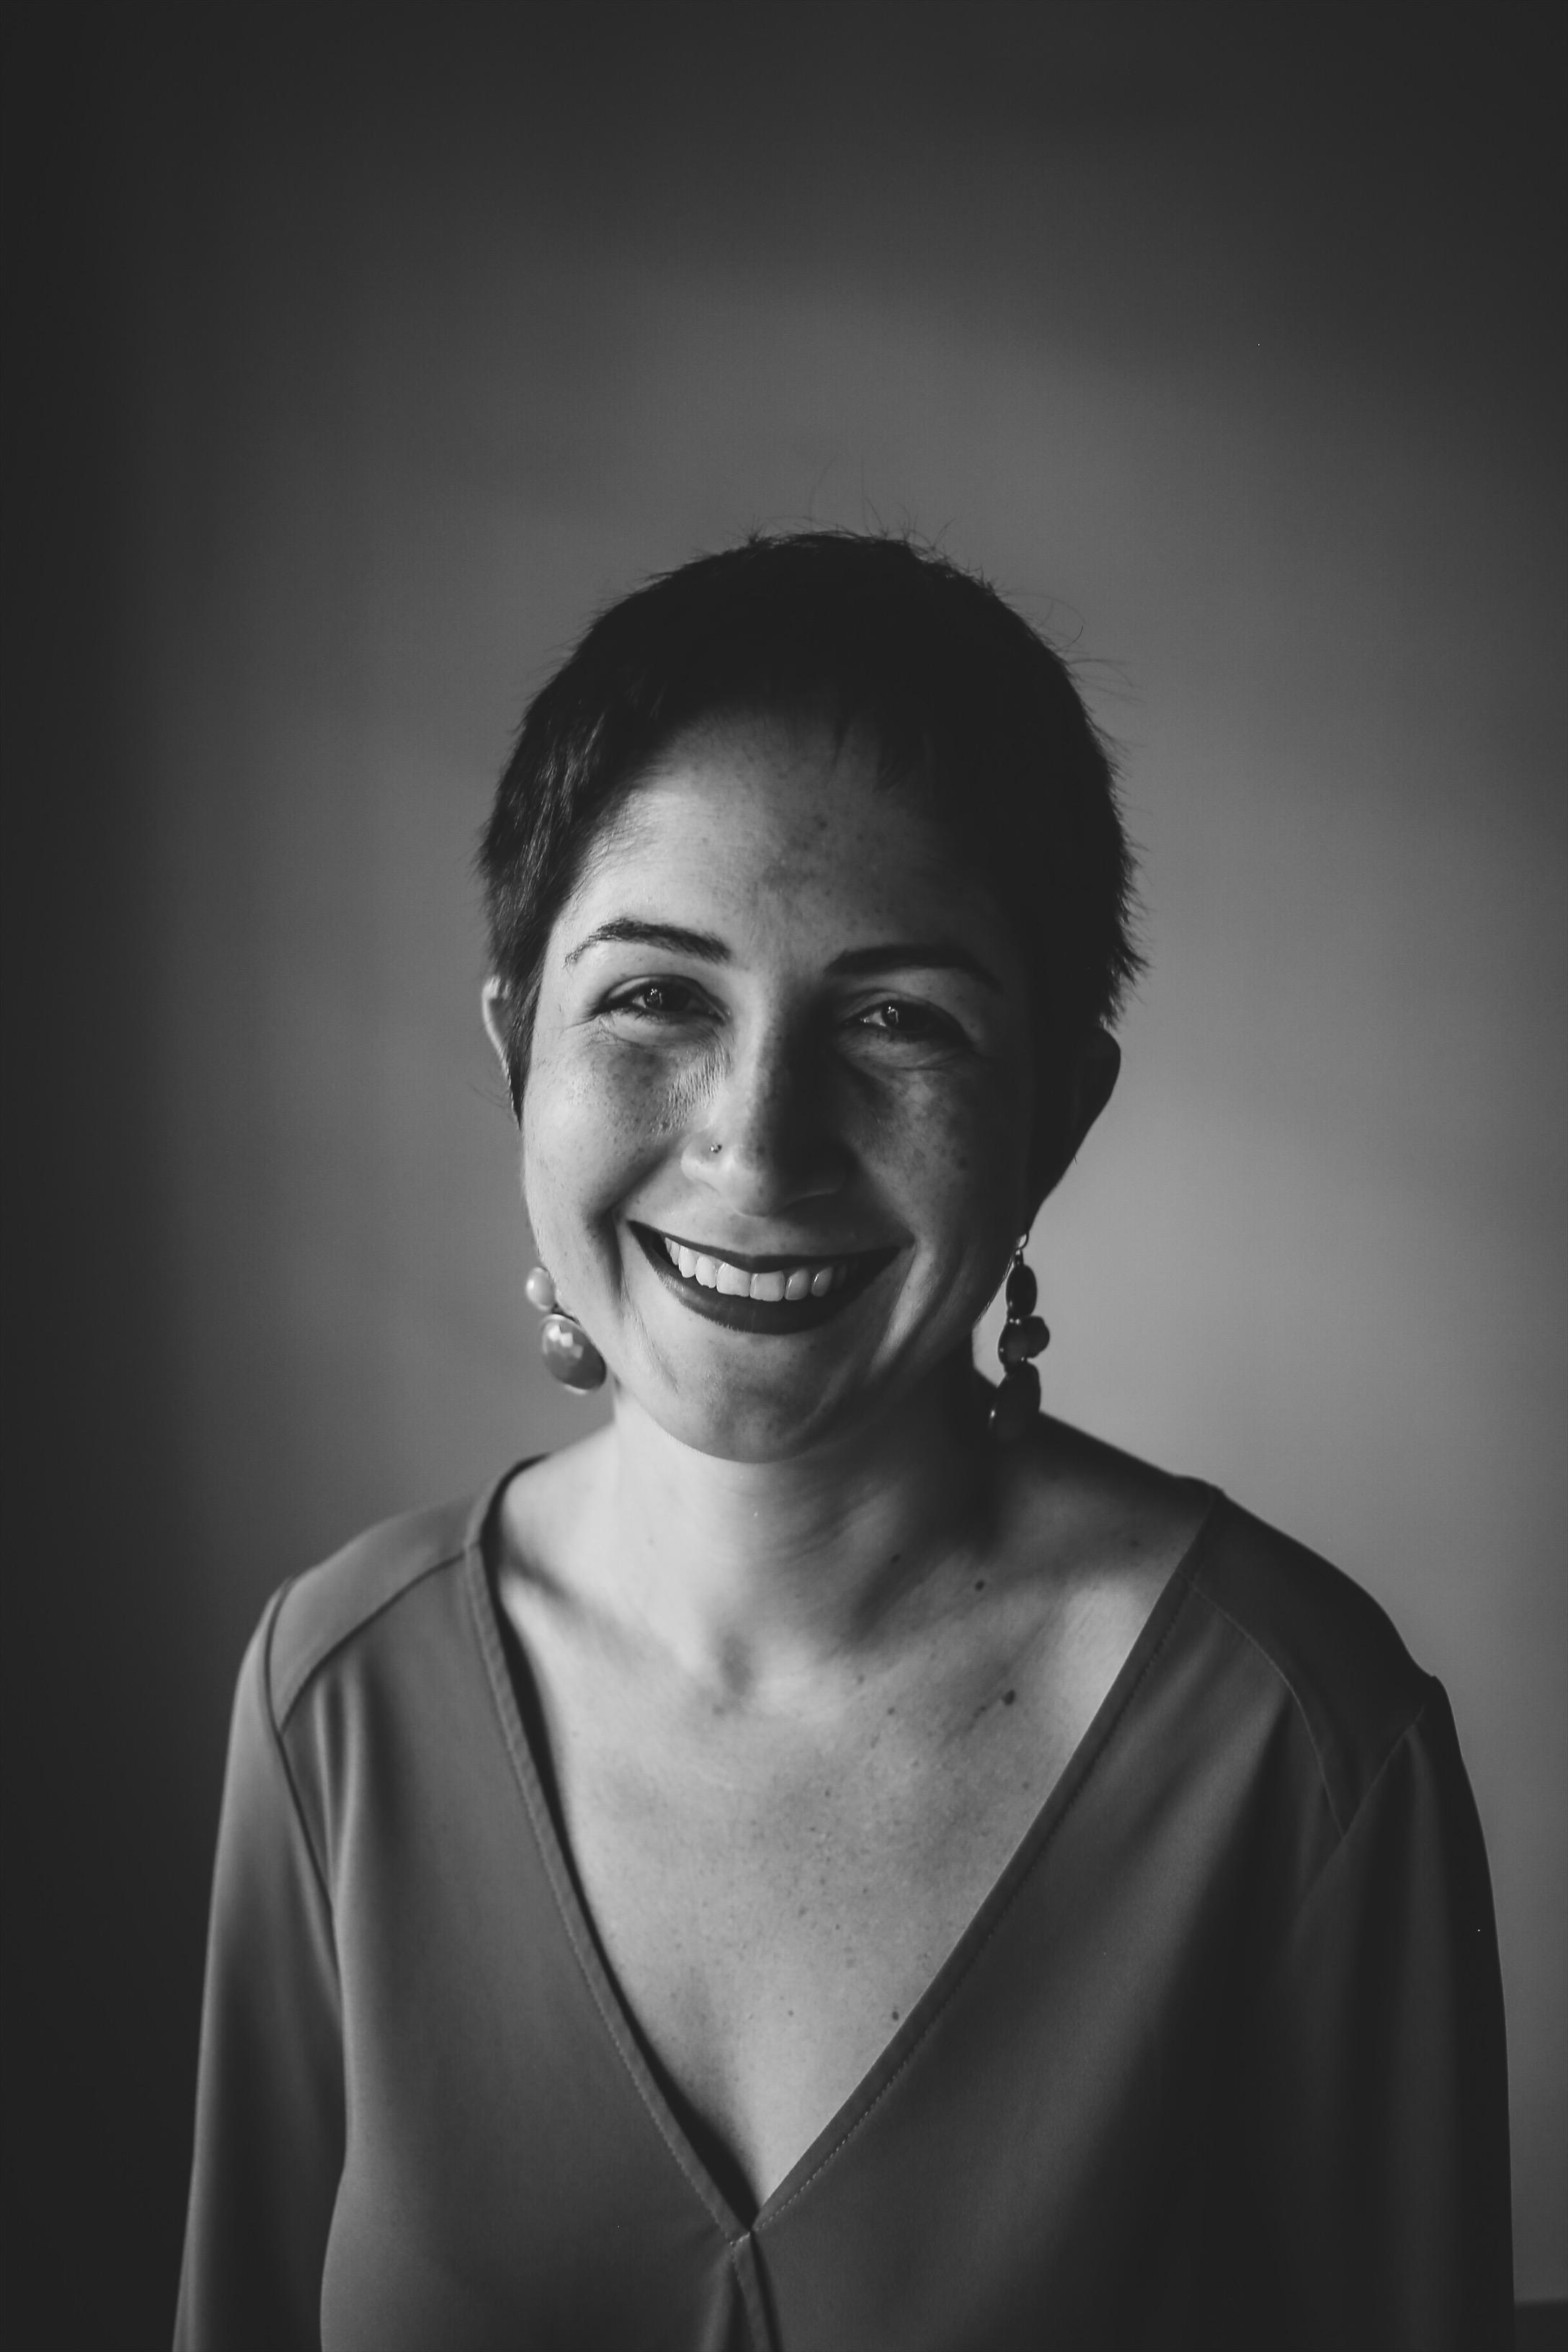 """LEILA NILIPOUR   Mientras trabajaba con poblaciones rurales en El Salvador en 2010, como parte de su maestría en nutrición, Leila se dio cuenta de que más le interesaban las historias humanas que sus hábitos alimenticios. Y después de vivir unos meses con su abuela paterna en Irán en 2014, finalmente tomó la decisión de convertirse en periodista. Escribió por casi dos años para La Estrella de Panamá, el diario más antiguo del país. Durante ese tiempo, su trabajo recibió múltiples reconocimientos nacionales. Actualmente persigue historias científicas para el Instituto Smithsonian de Investigaciones Tropicales y es miembro del colectivo de periodistas Concolón. Su más reciente sueño se ha hecho realidad: producir un podcast en español desde el istmo centroamericano, con el cual ganó el Premio Nacional de Periodismo radiofónico con el episodio """"Si desaparezco no me busquen"""".    @lei.nilipour"""